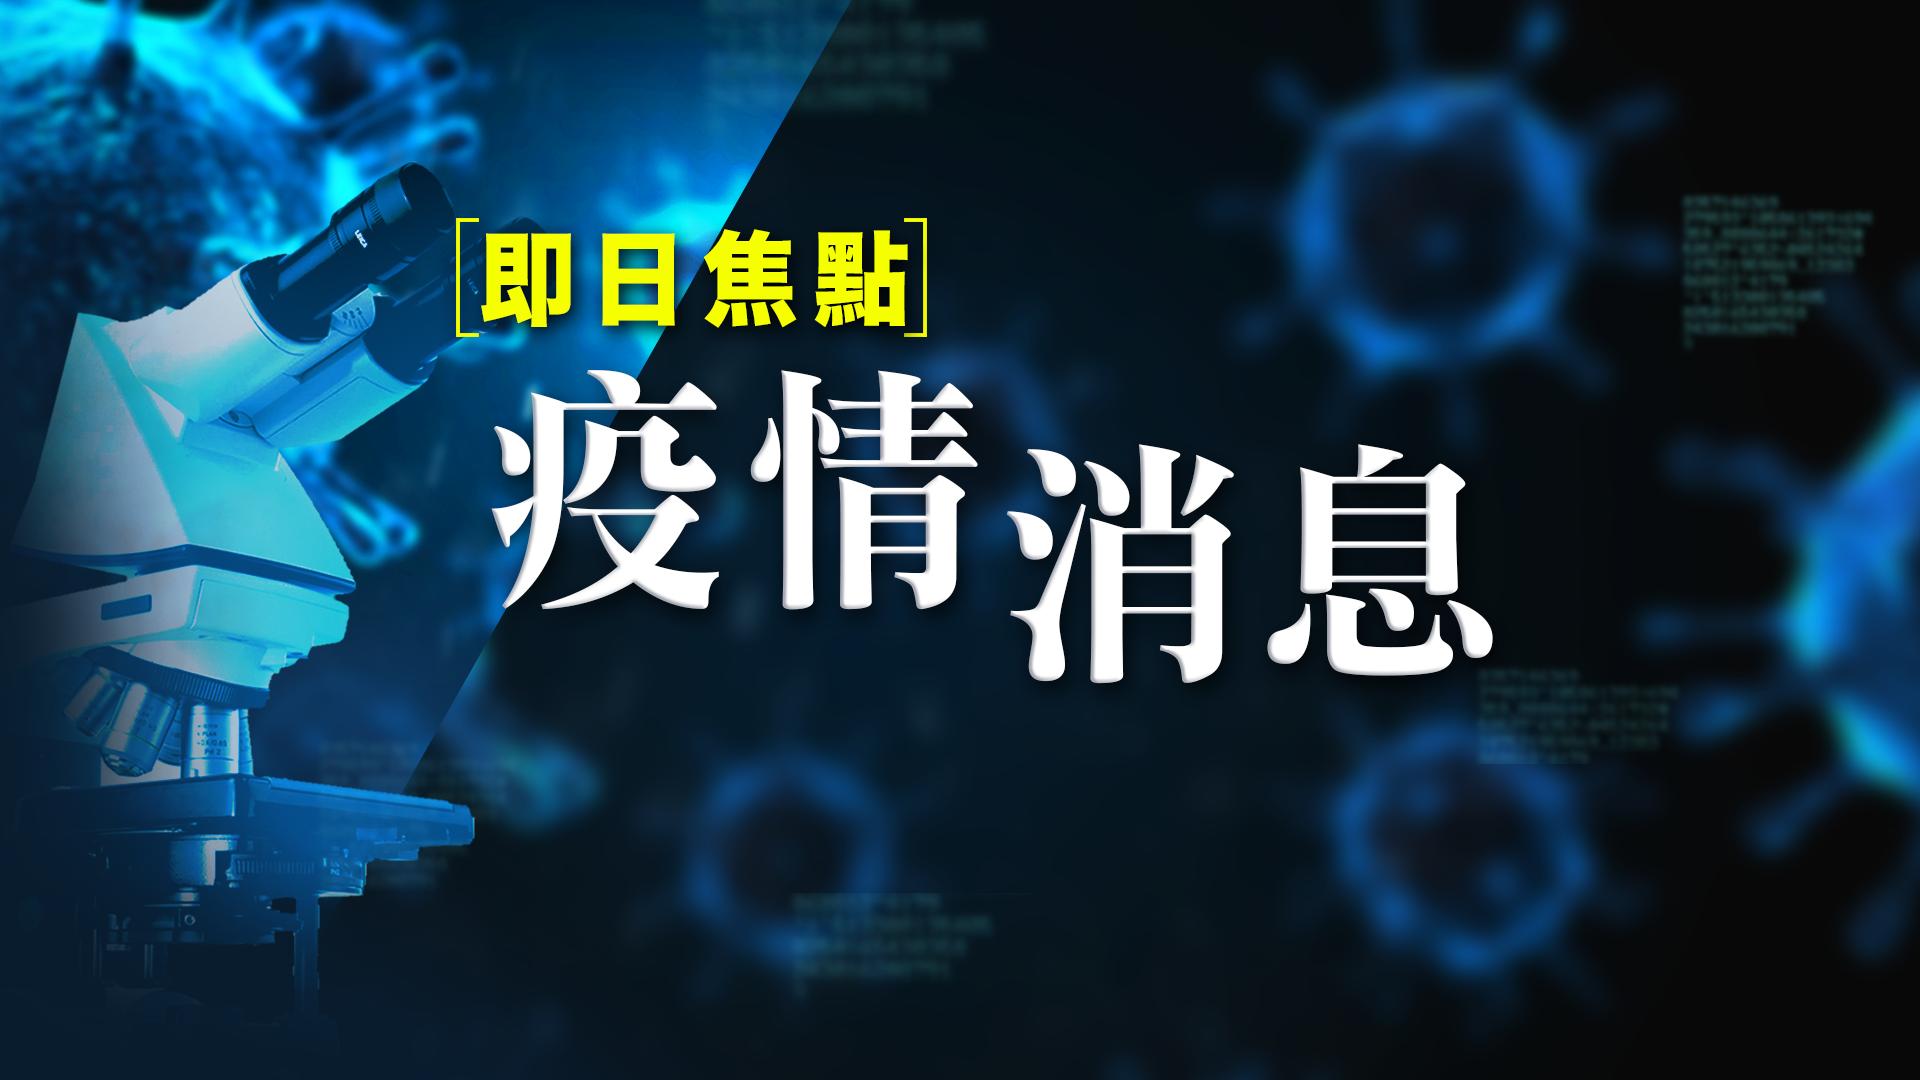 【即日焦點‧疫情消息】上海迪士尼、北京故宮明起關閉 本港2600個內地團取消;美國醫生遙距操控機械人為確診者應診